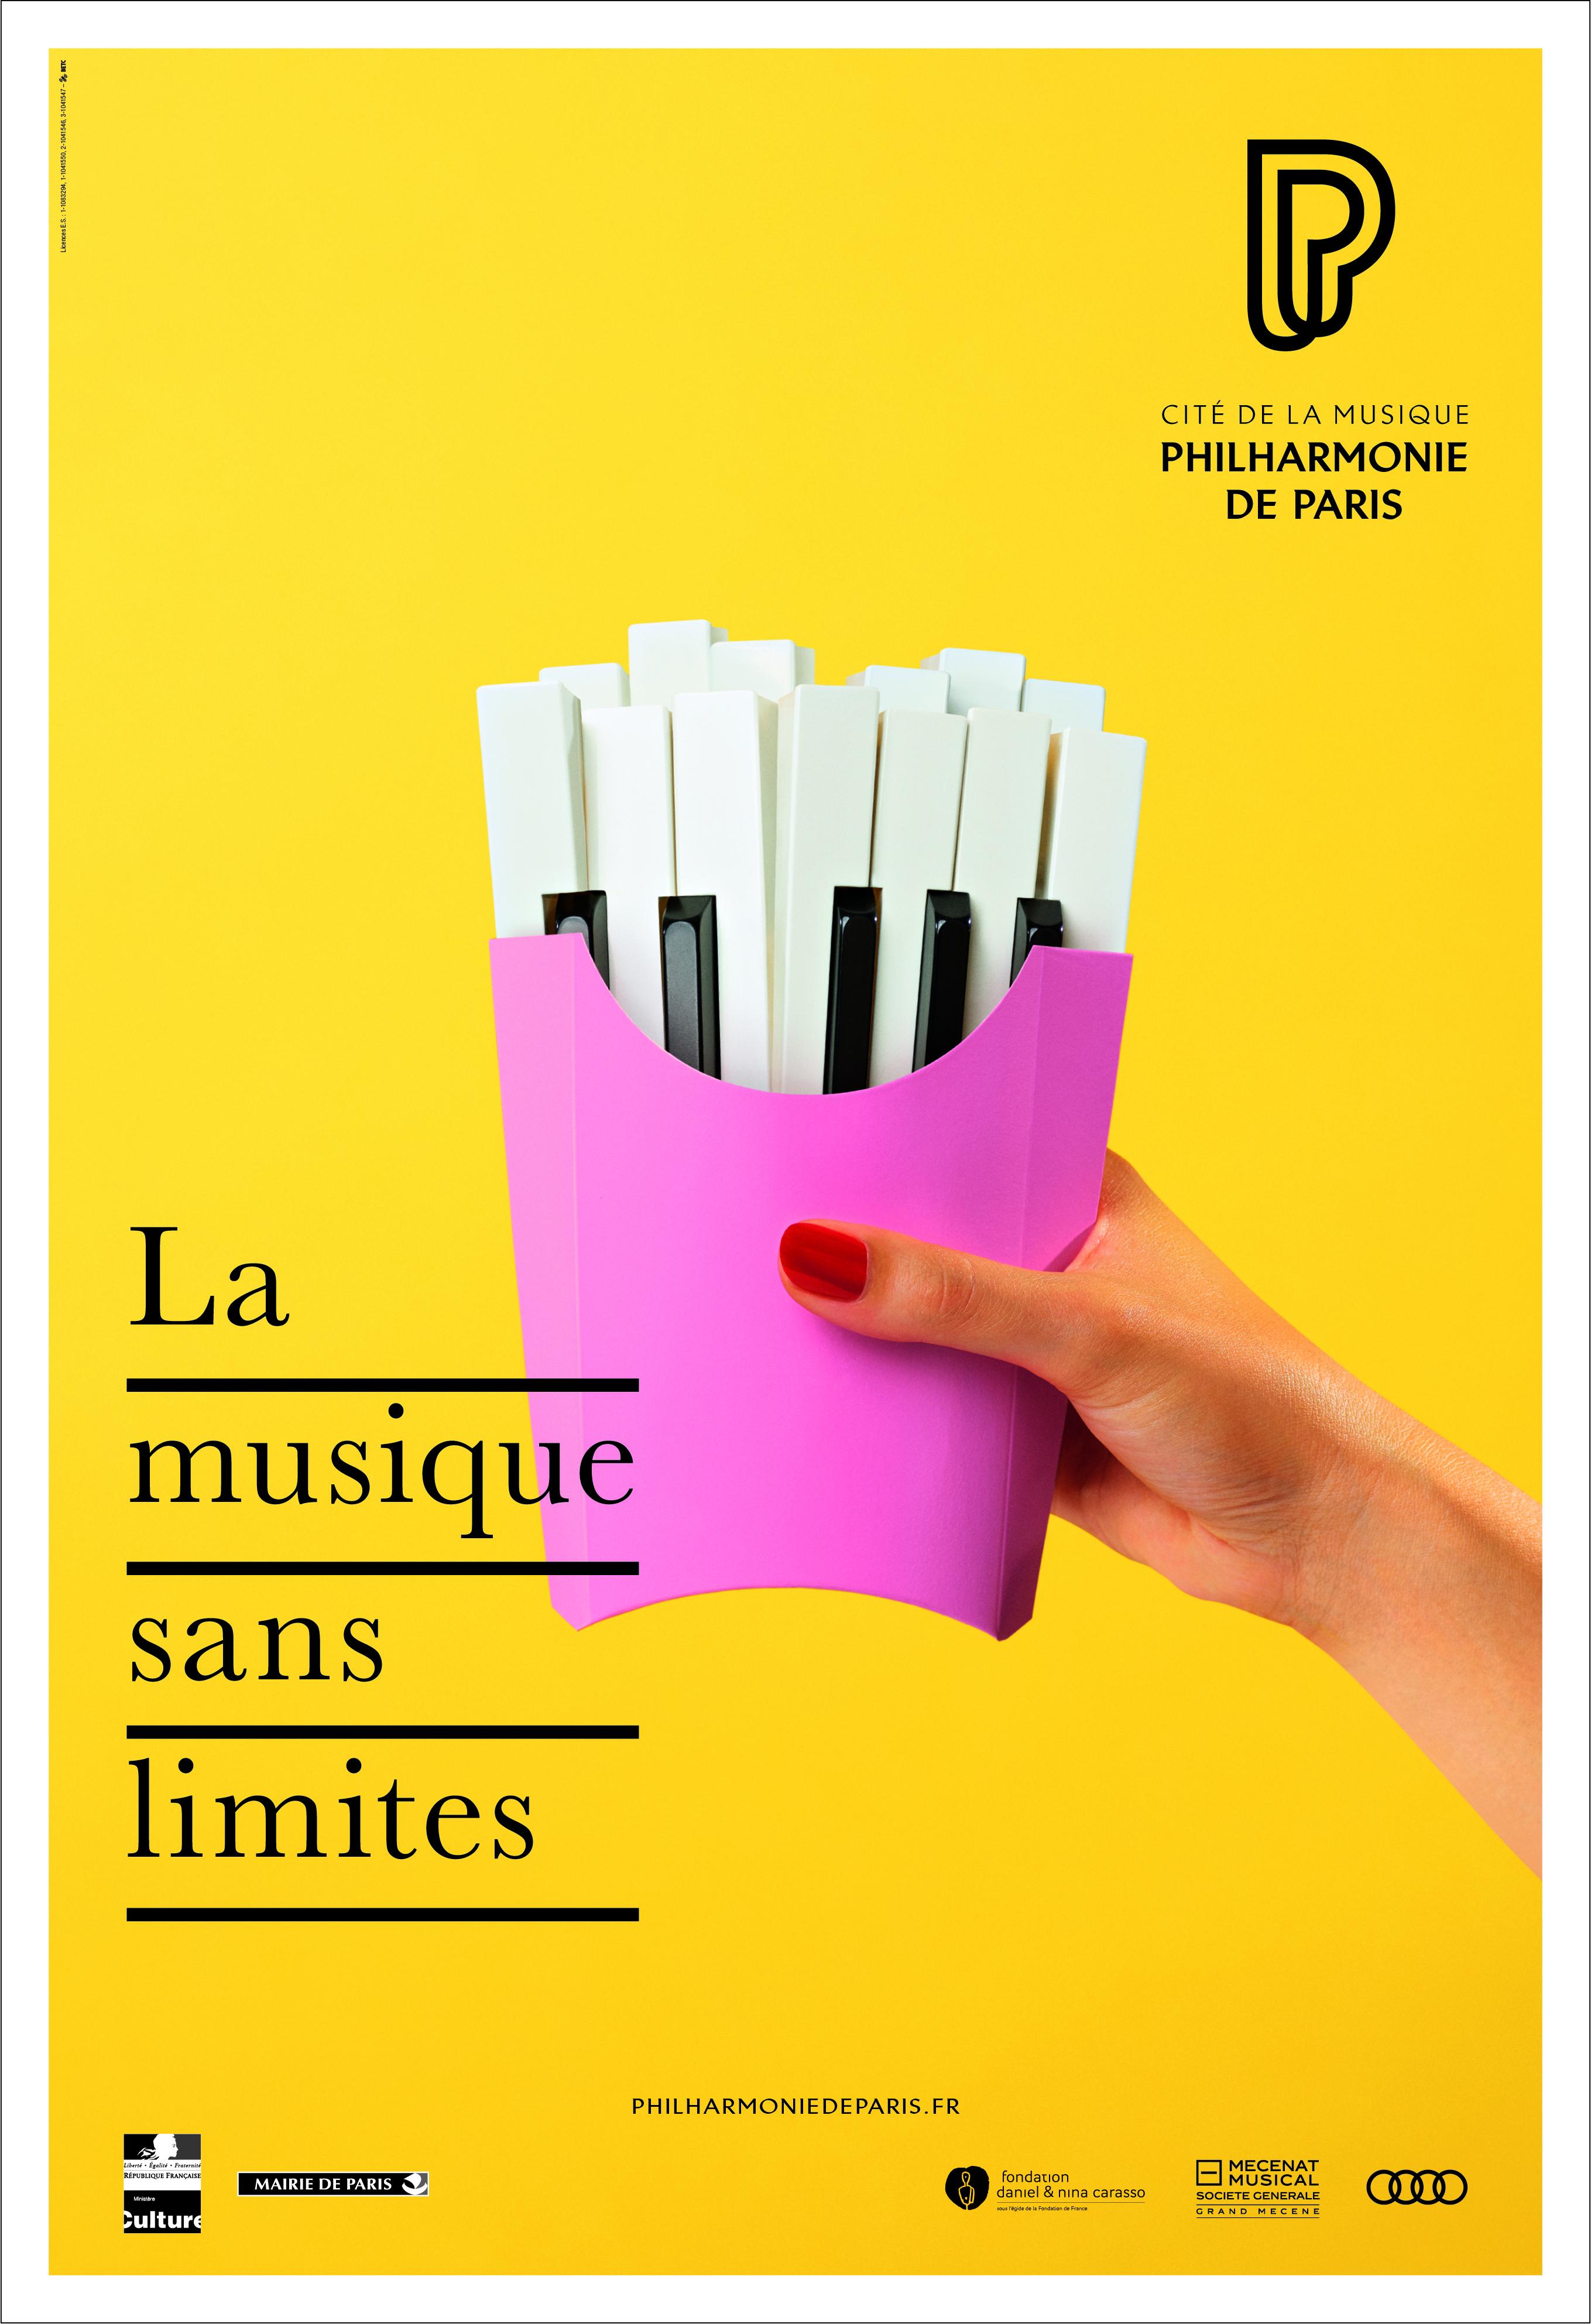 la philharmonie de paris et betc d u00e9voilent une campagne d u00e9vorante